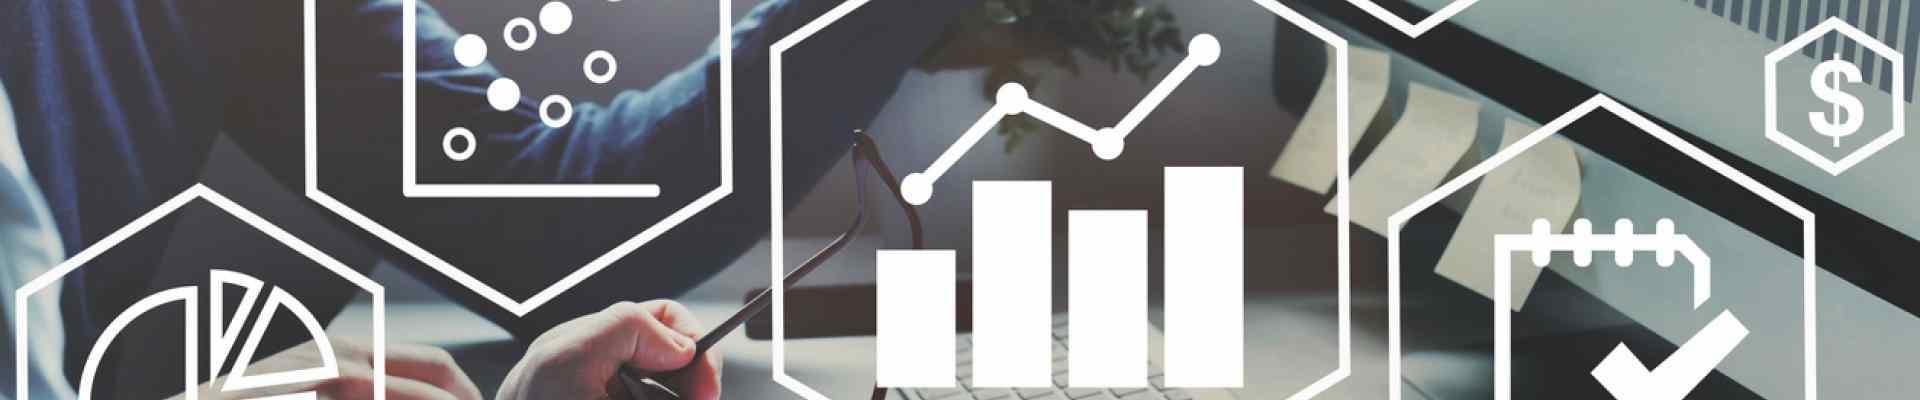 Корпорация МСП перезапустит и модернизирует сервисы бизнес-навигатора